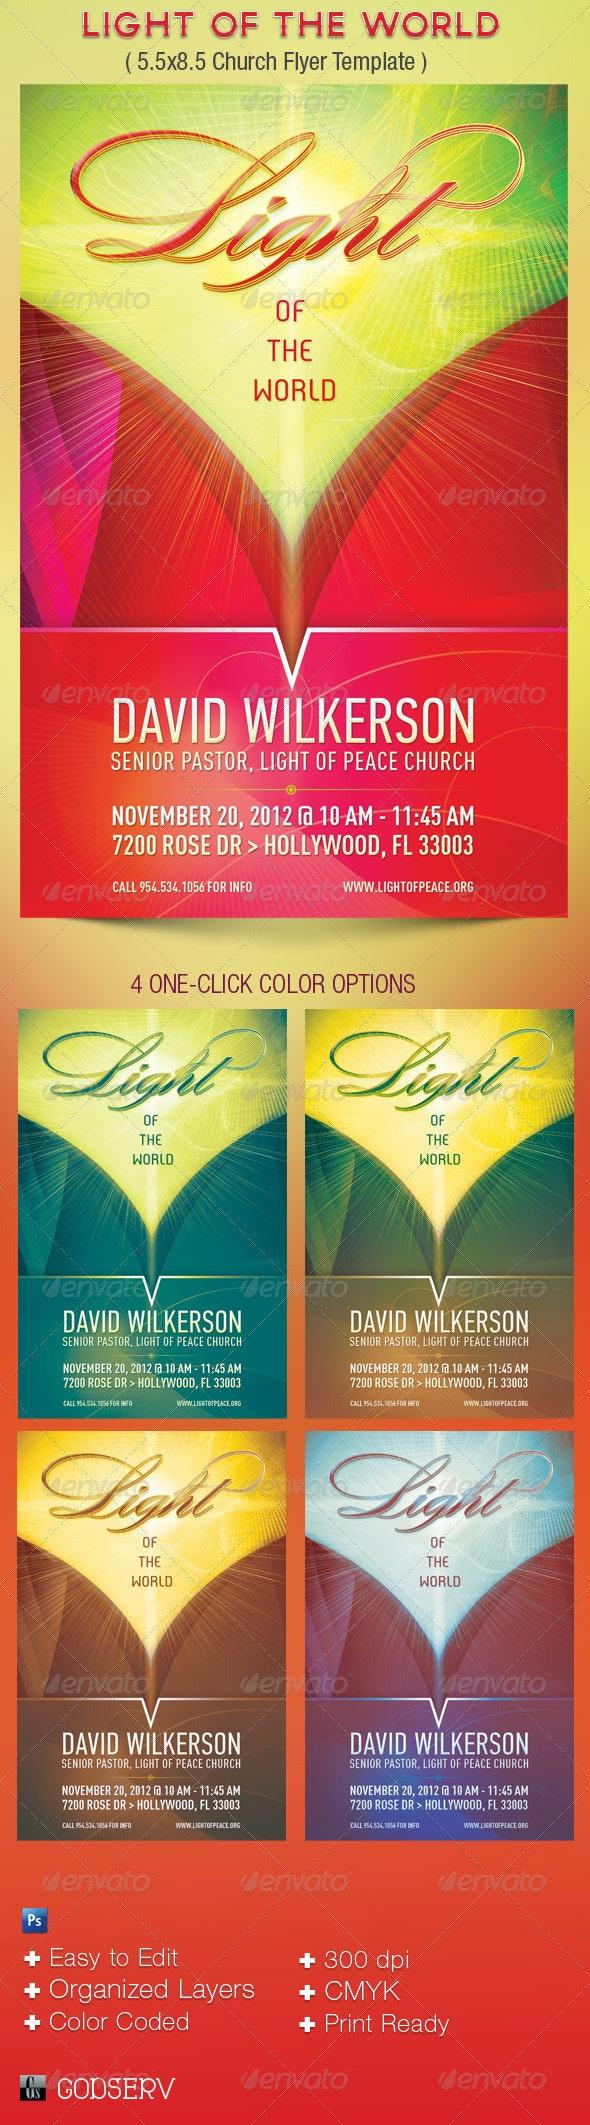 Light Church Flyer Template - Church Flyers